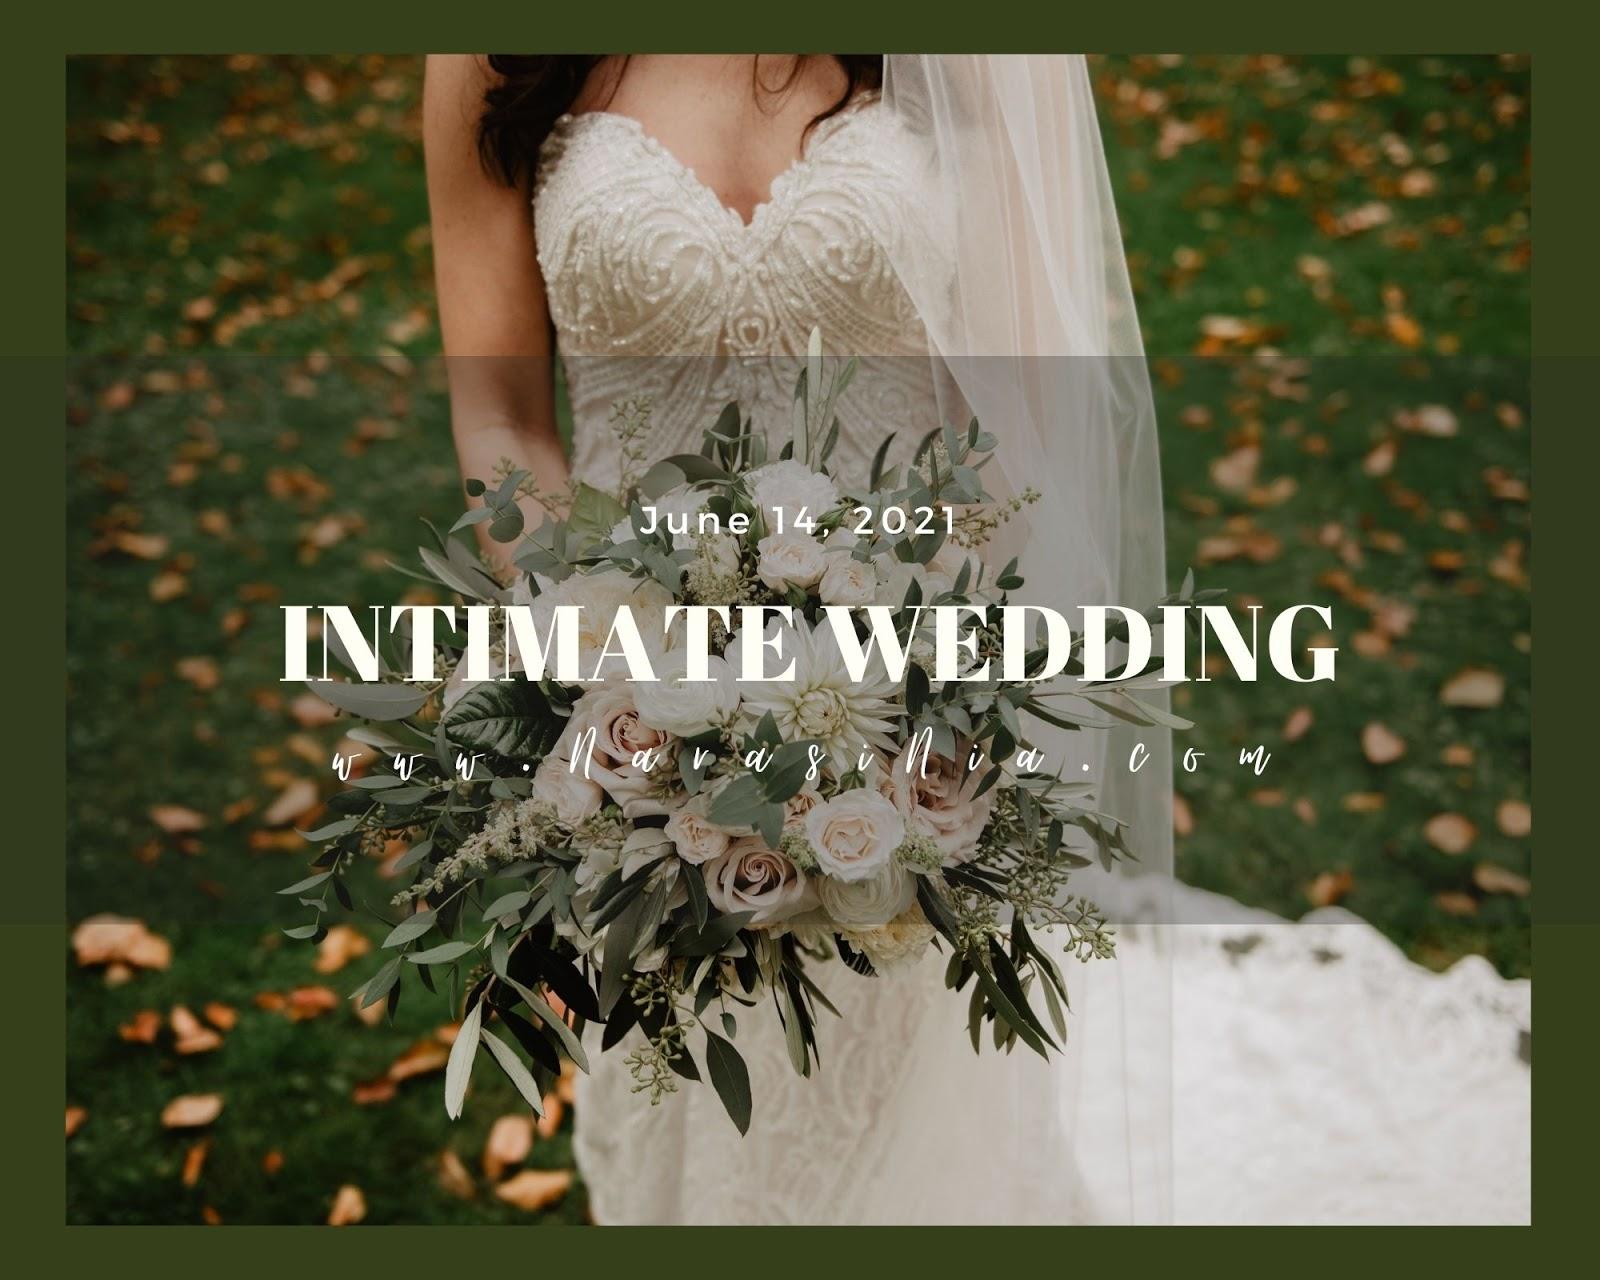 Tips Intimate Wedding